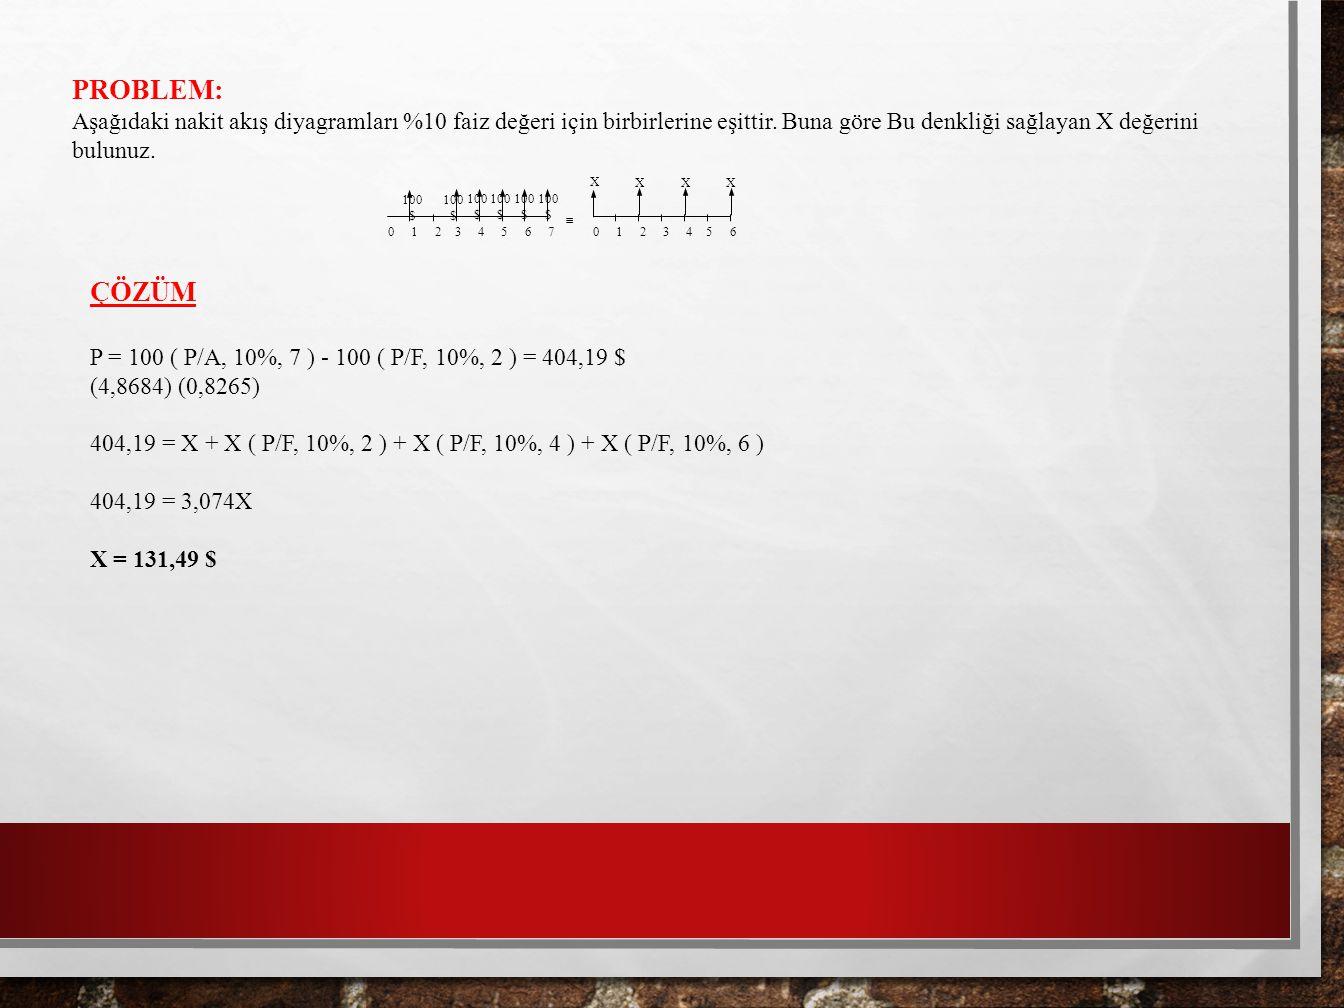 PROBLEM: Aşağıdaki nakit akış diyagramları %10 faiz değeri için birbirlerine eşittir. Buna göre Bu denkliği sağlayan X değerini bulunuz. 0 1 2 3 4 5 6